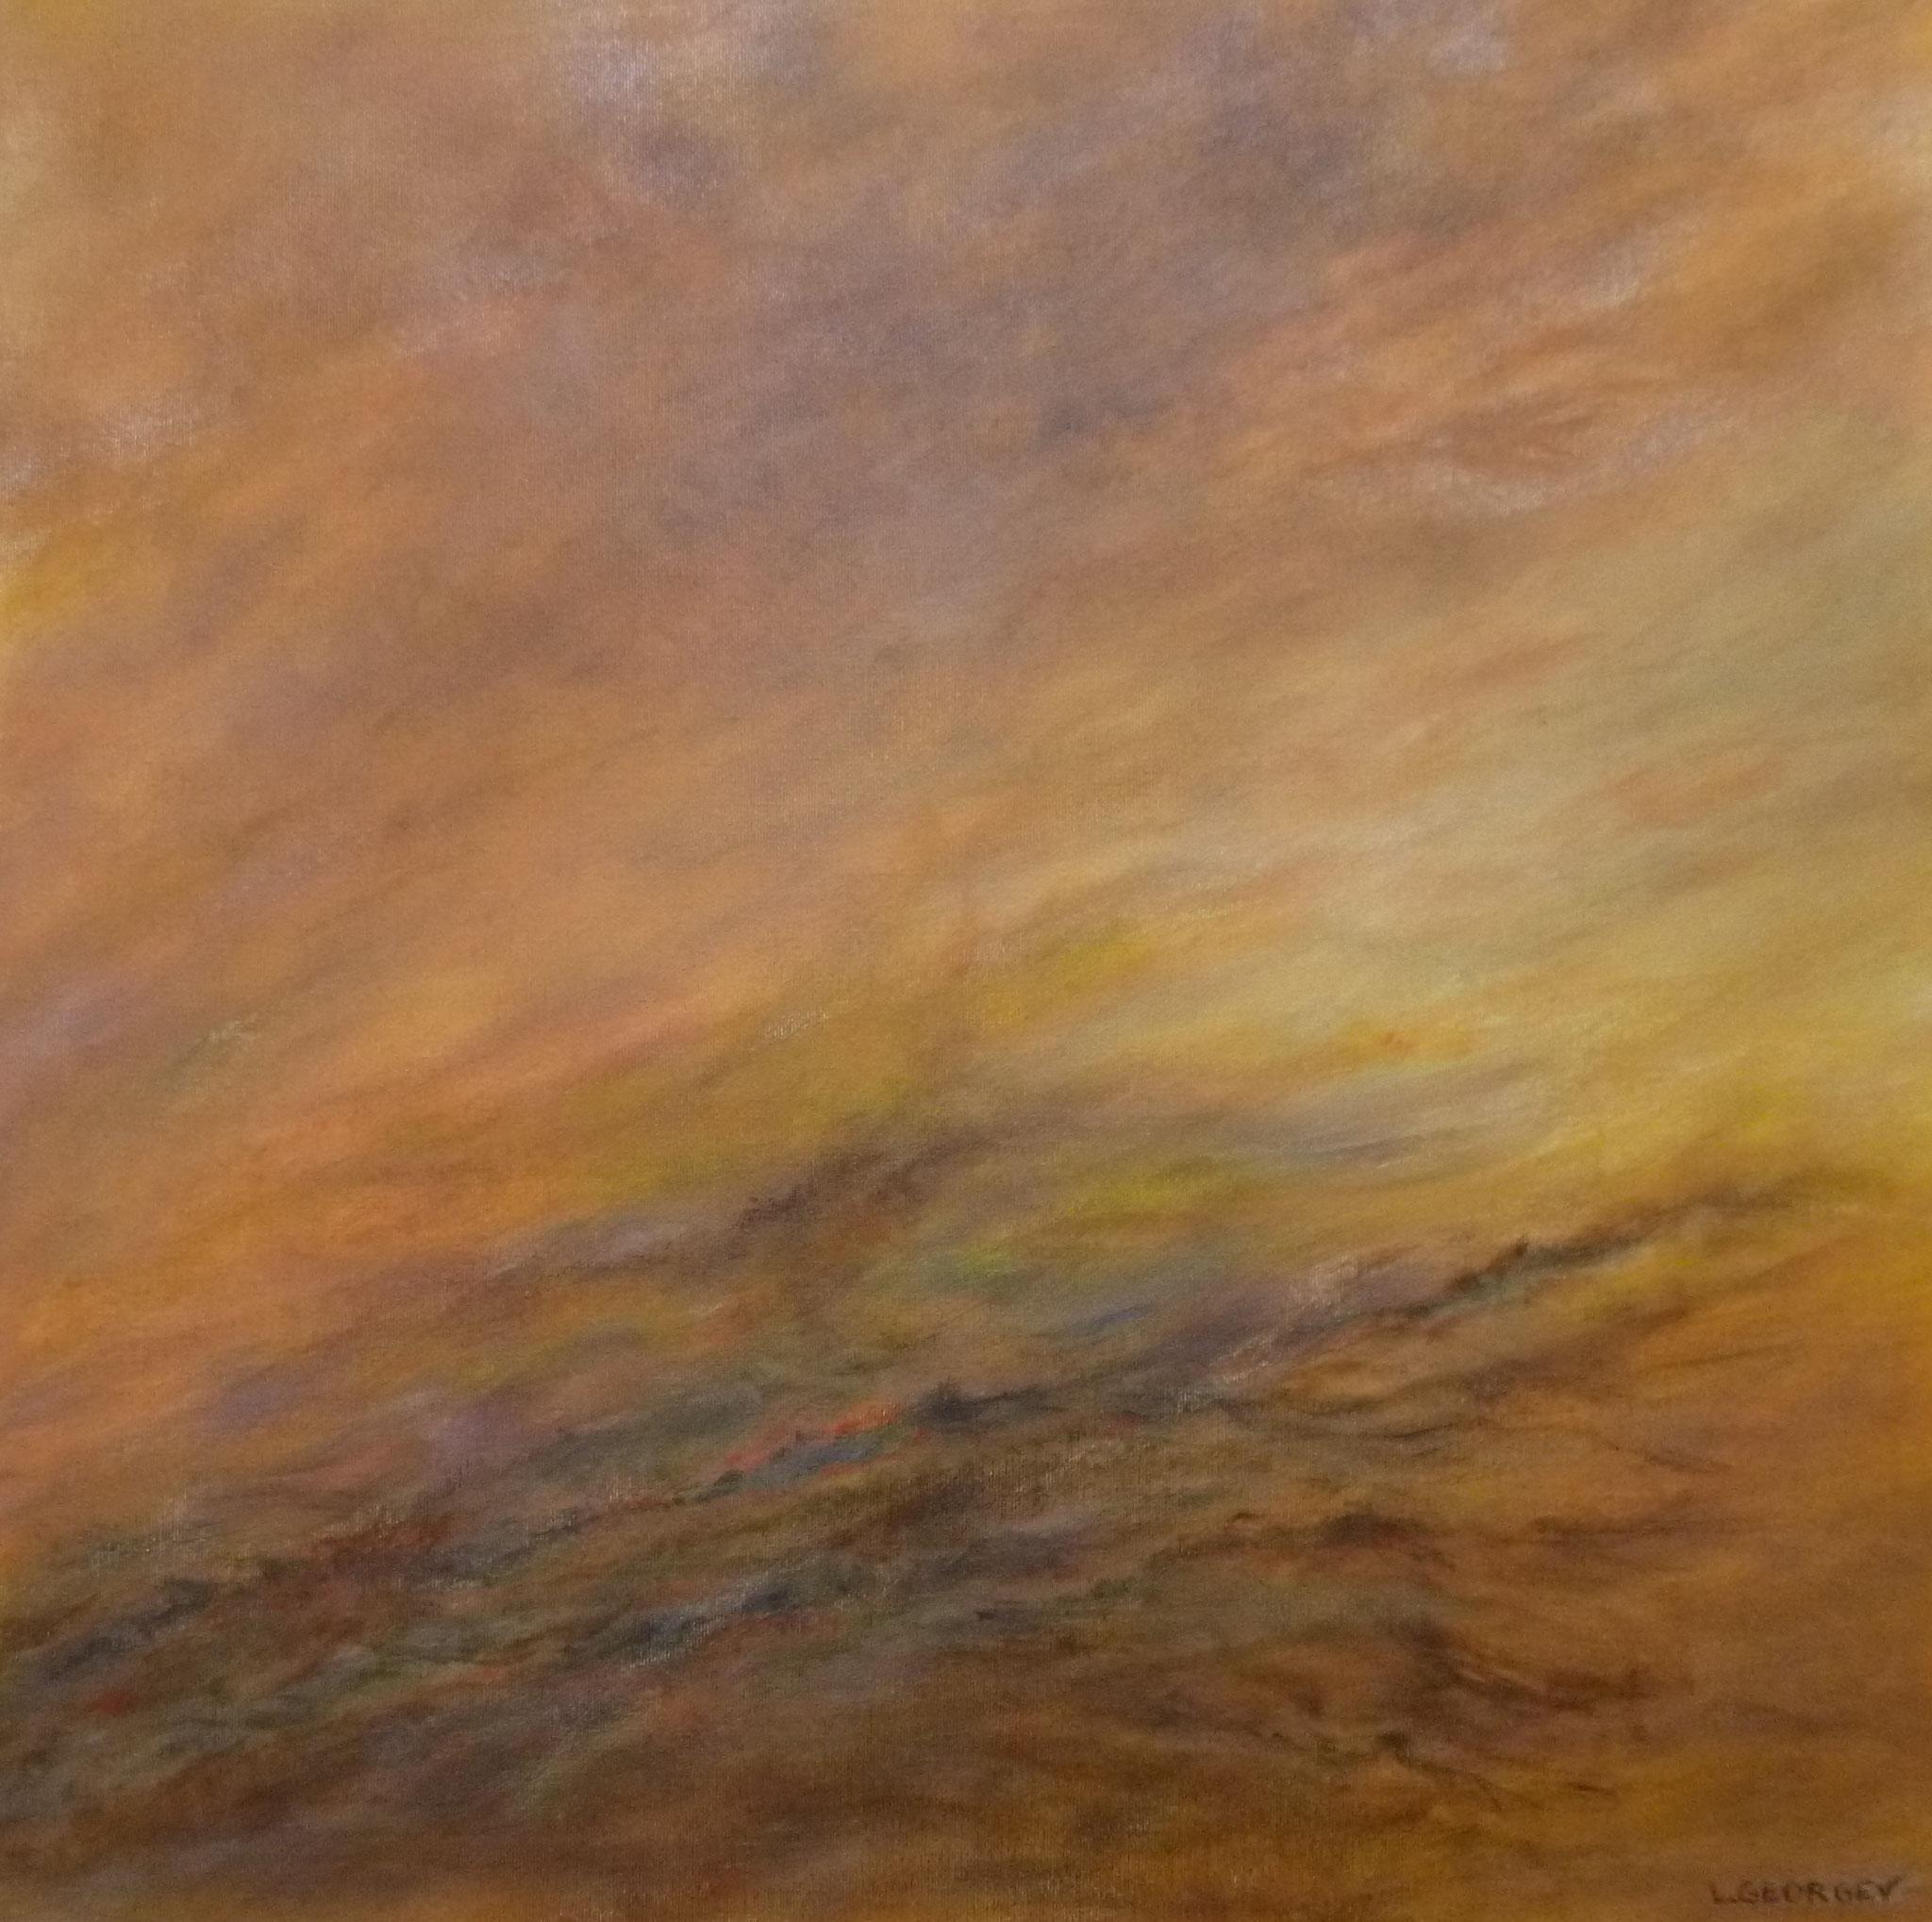 FLAMBOIEMENT, acrylique sur toile, 60x60 cm